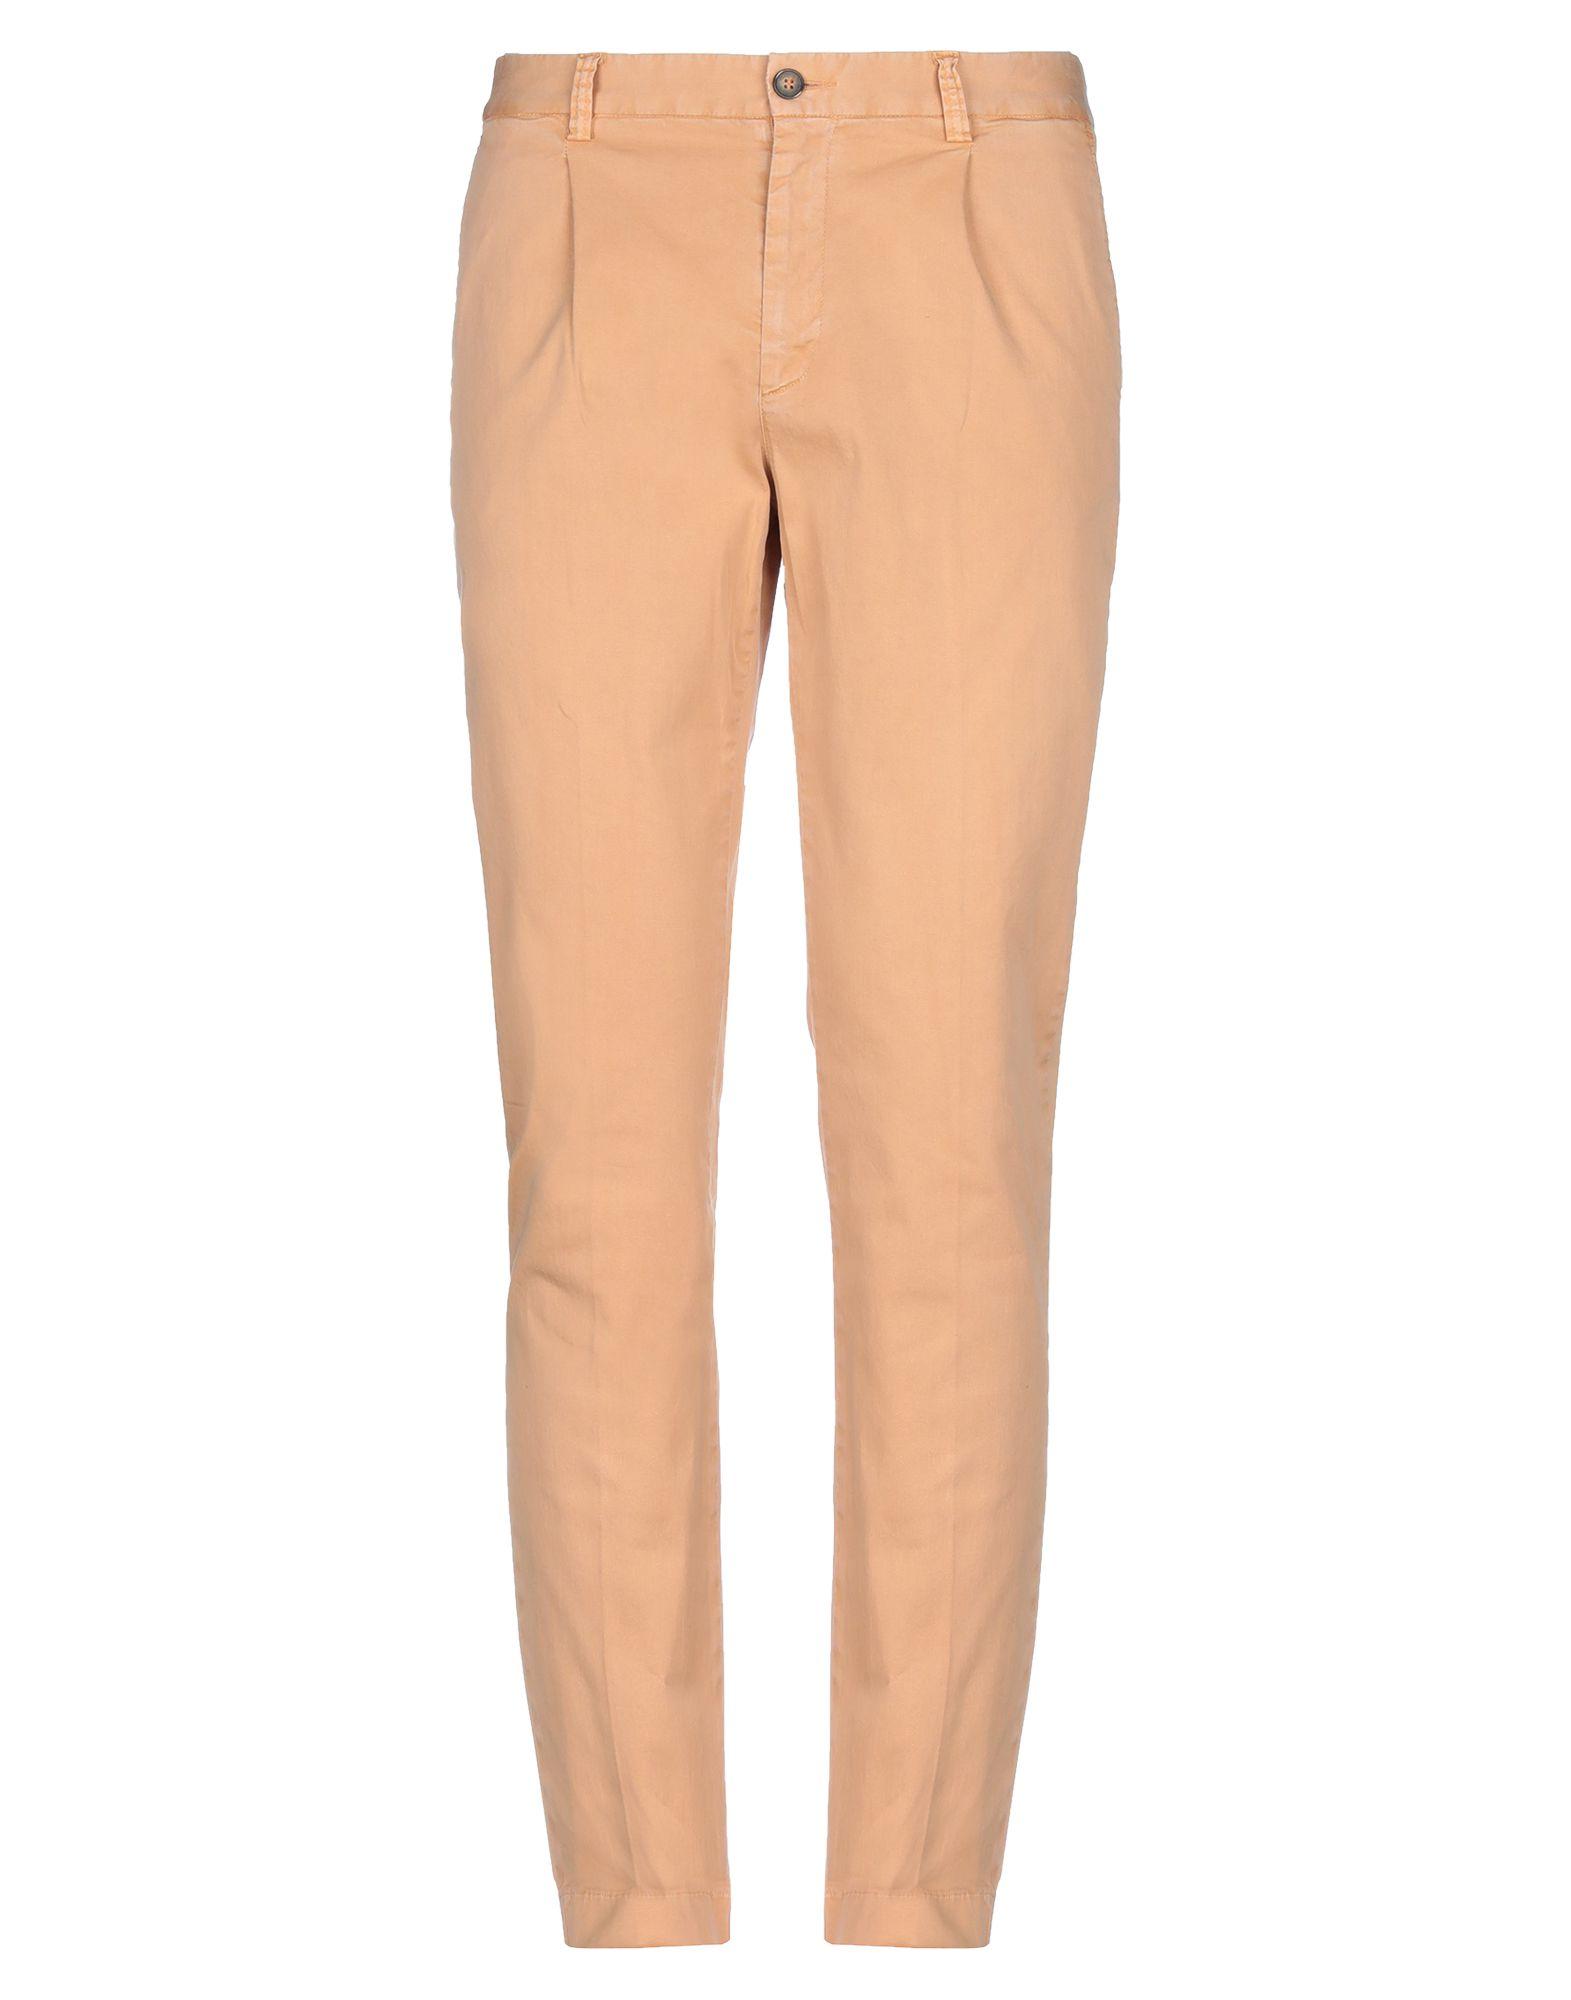 《セール開催中》AUTHENTIC ORIGINAL VINTAGE STYLE メンズ パンツ オレンジ 54 コットン 98% / ポリウレタン 2%